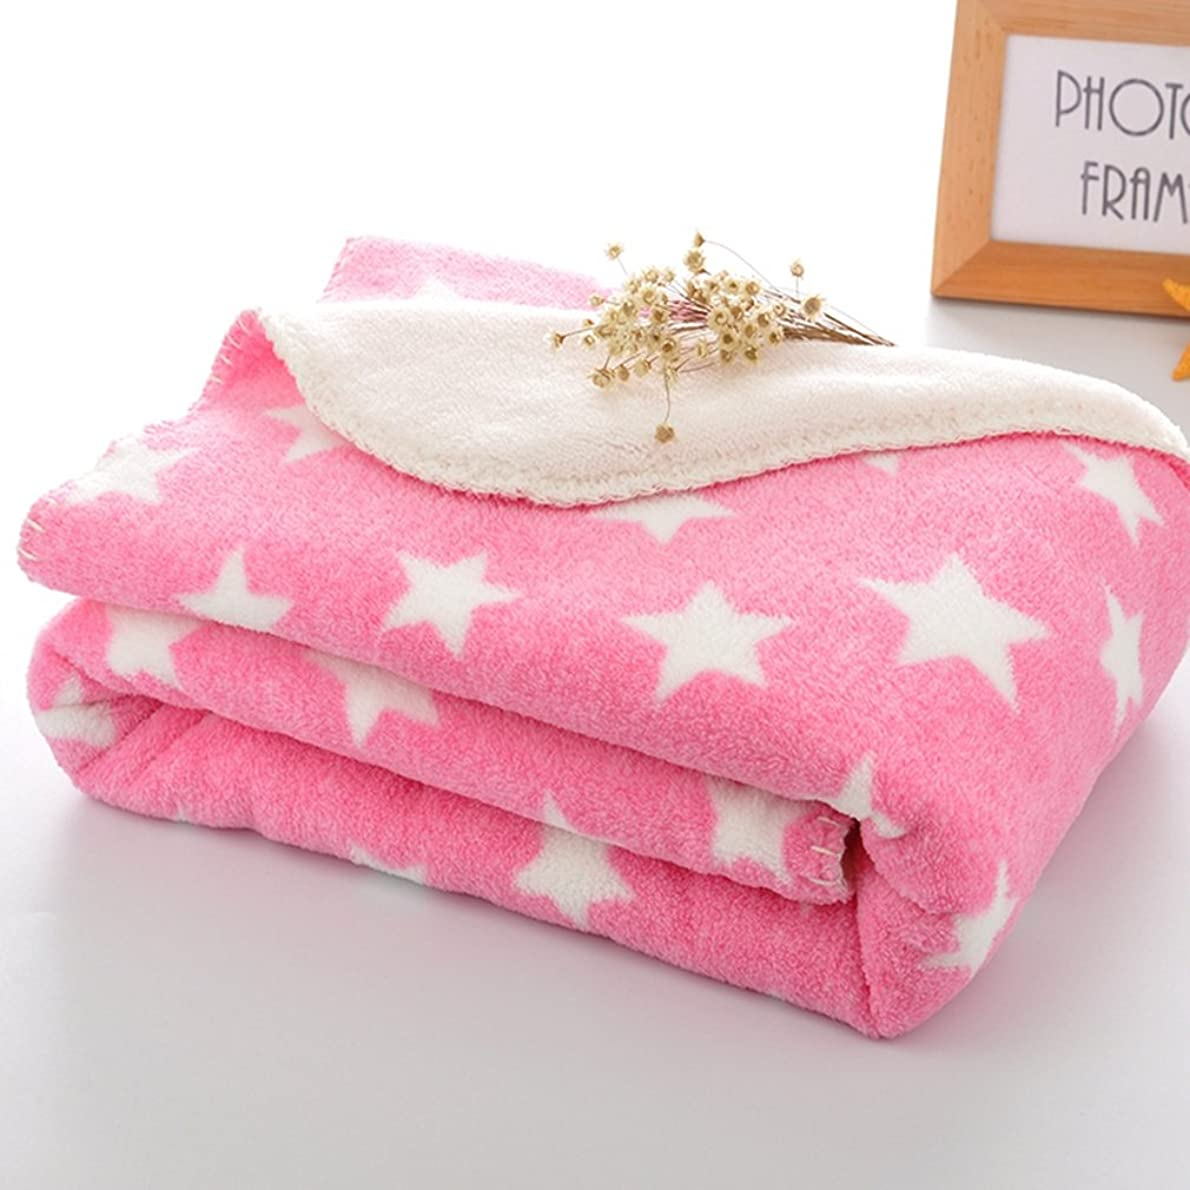 火山のカバレッジホイップブランケット 子供用 毛布 かわいい 星柄 ひざかけ 柔らか 暖かい 軽量  春?夏用 洗濯可能 ピンク75*100